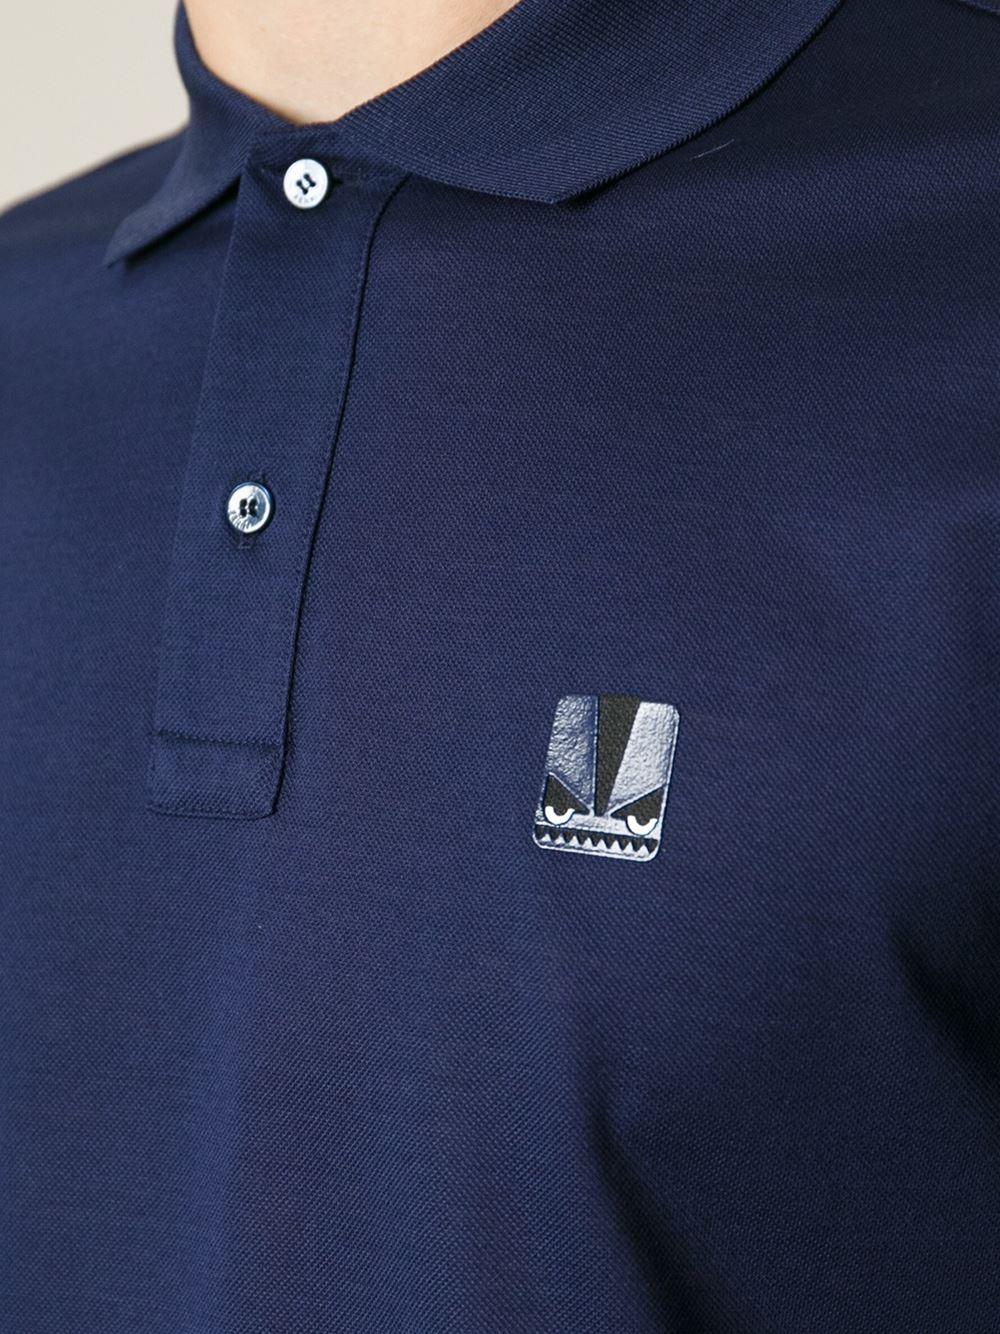 30f948923 Fendi Monster Polo Shirt in Blue for Men - Lyst